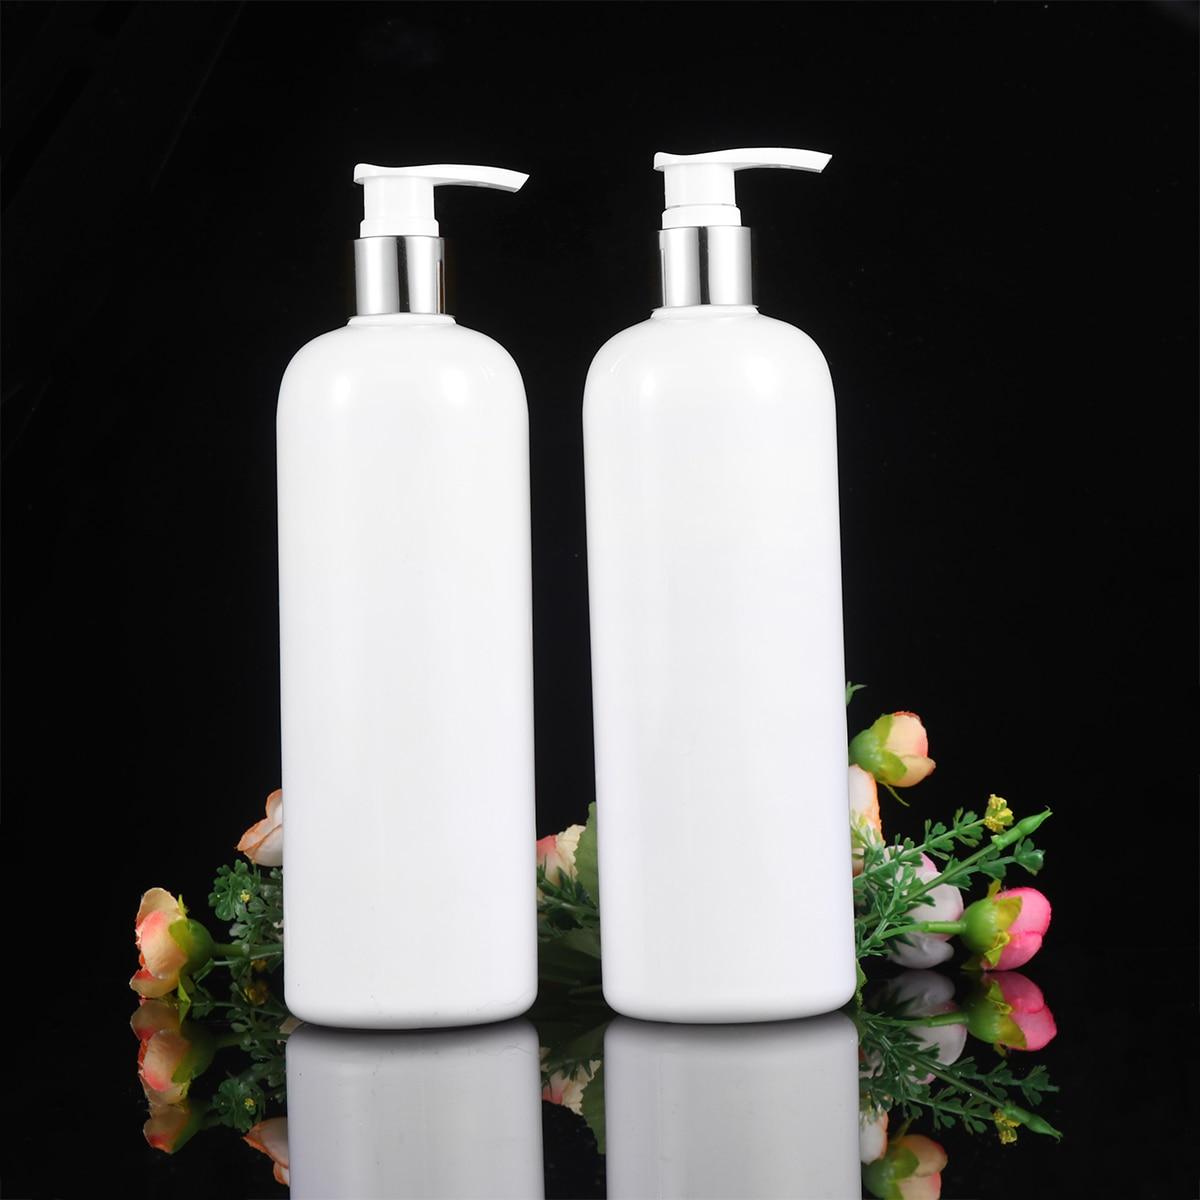 3PCS 500ml Refillable Plastic Bottle Empty Pump Bottle Travel Dispenser For Shampoo Shower Gel Liquid Soap (White, Silver White)